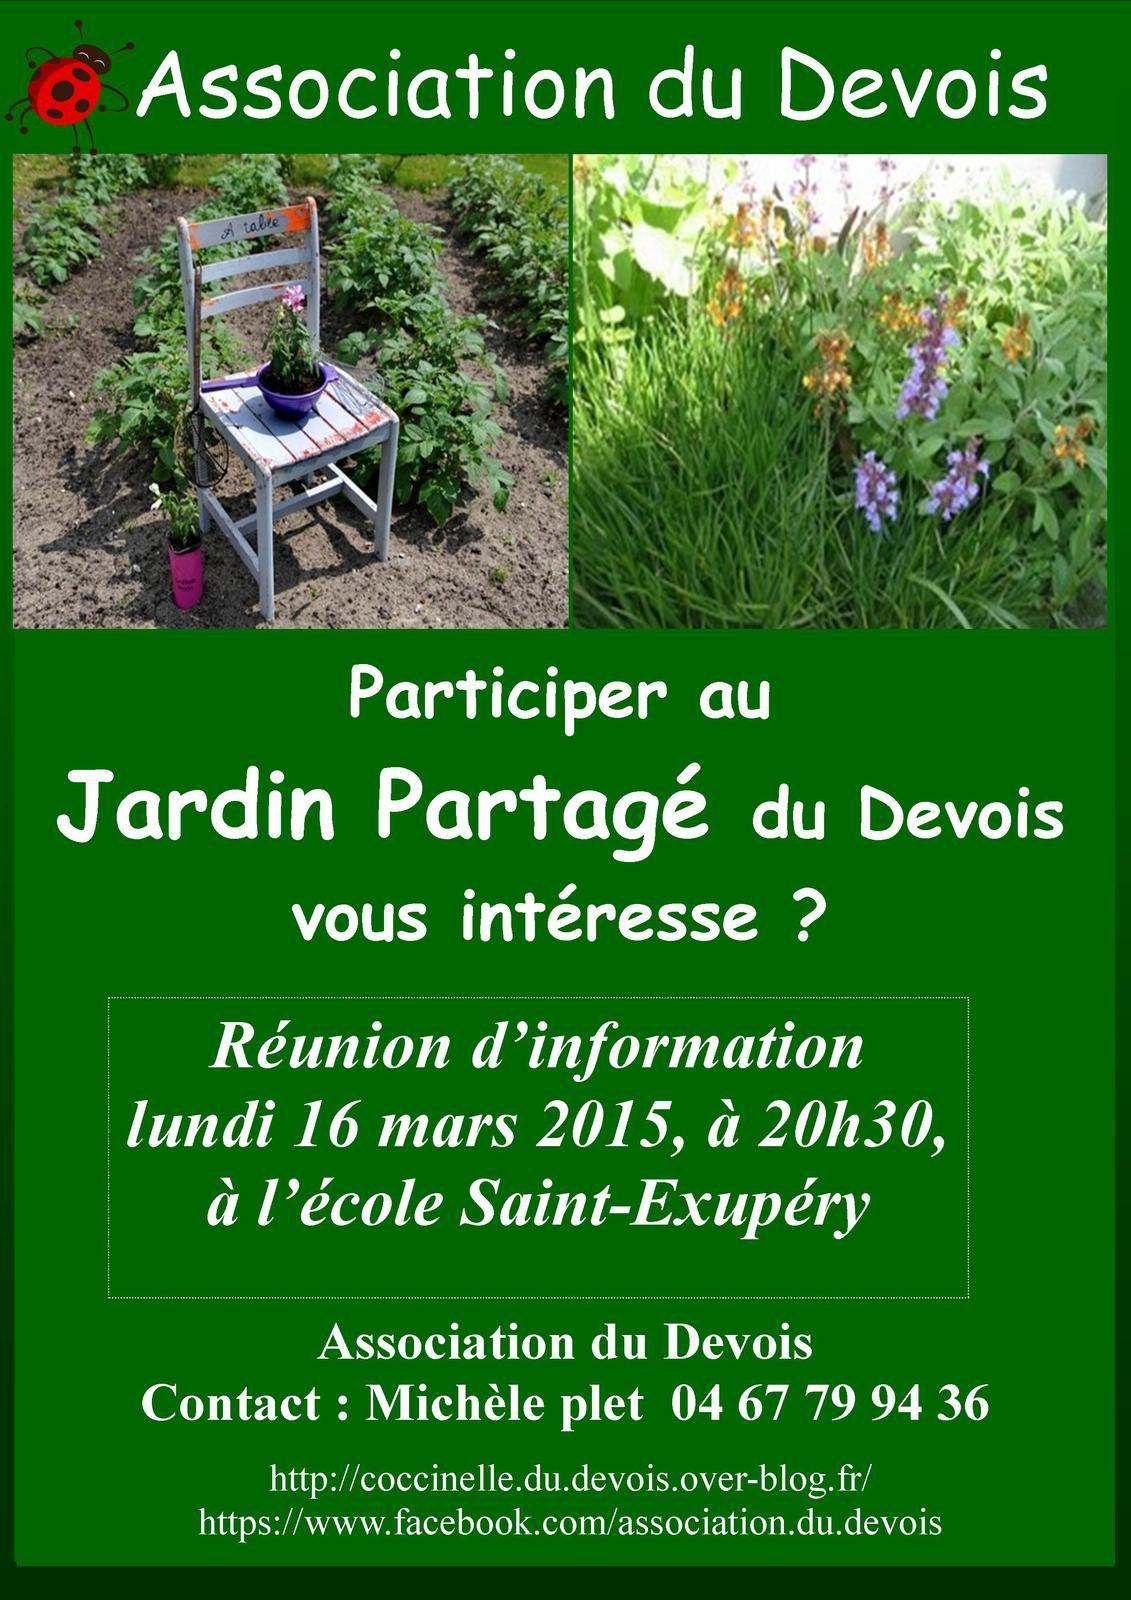 Jardin partagé du Devois - Réunion le 16 mars 2015